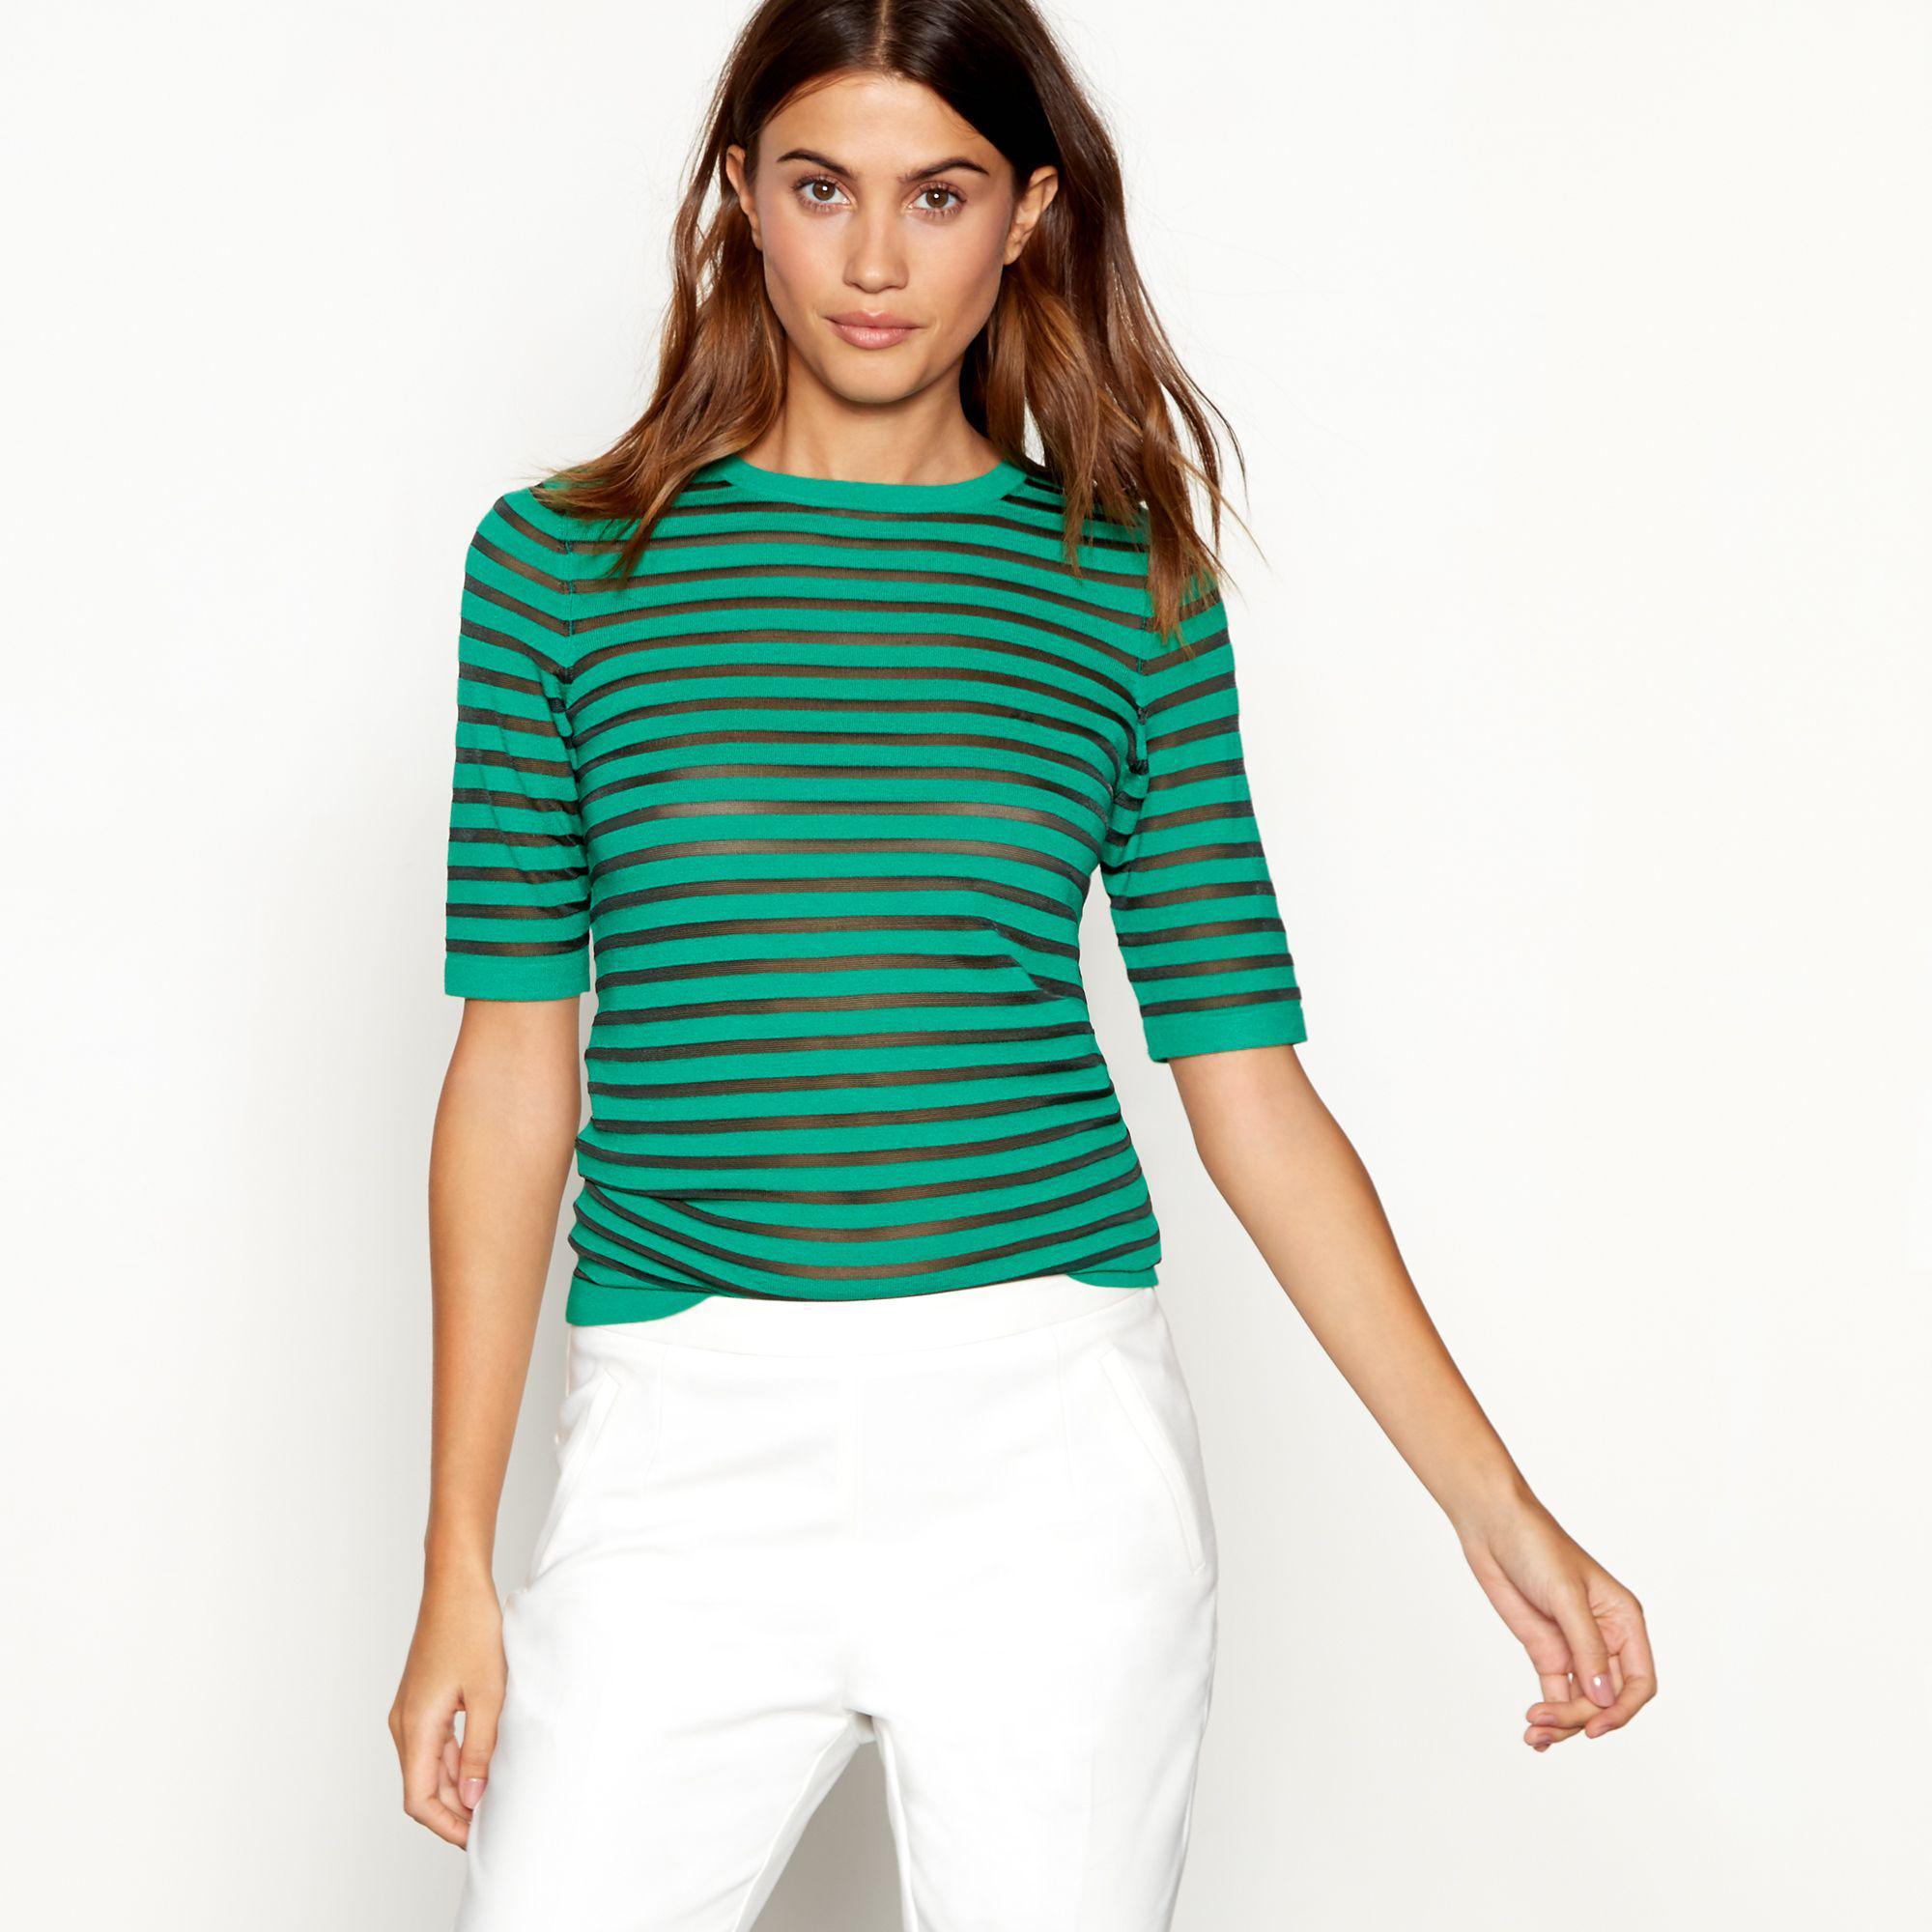 697a7c49225f3d J By Jasper Conran Bright Green Stripe Print Knit T-shirt in Green ...